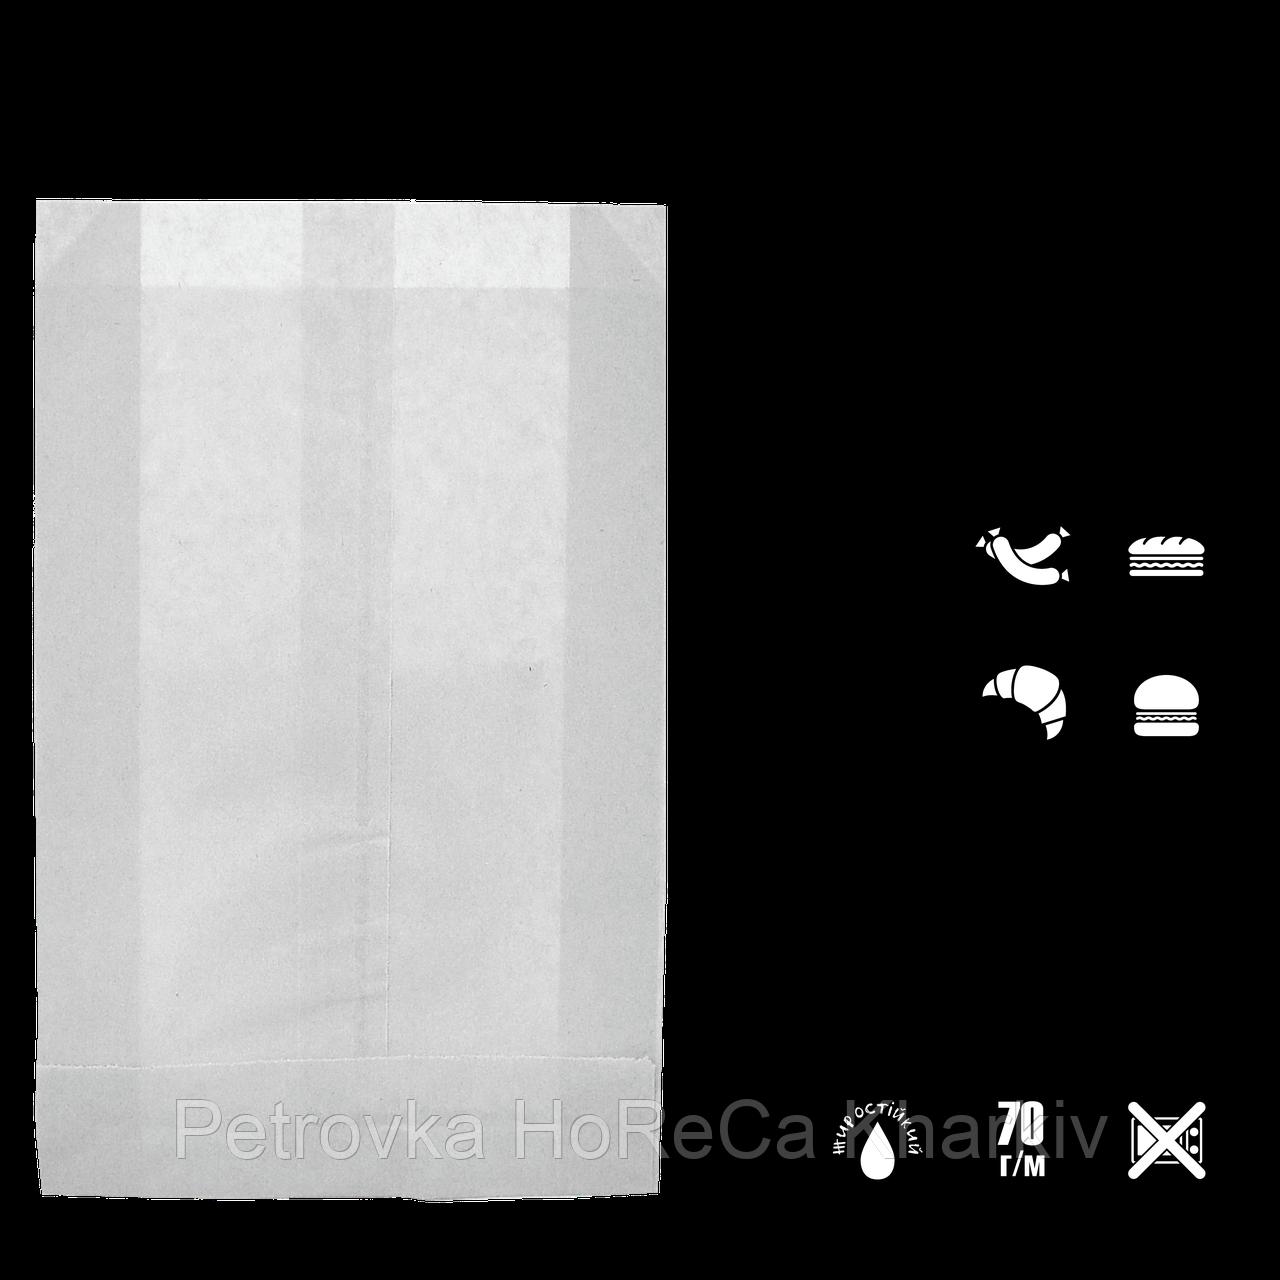 Паперовий пакет без ручок білий жиростойкий 220х140х50мм (ВхШхГ) 70г/м2 100шт (1417)